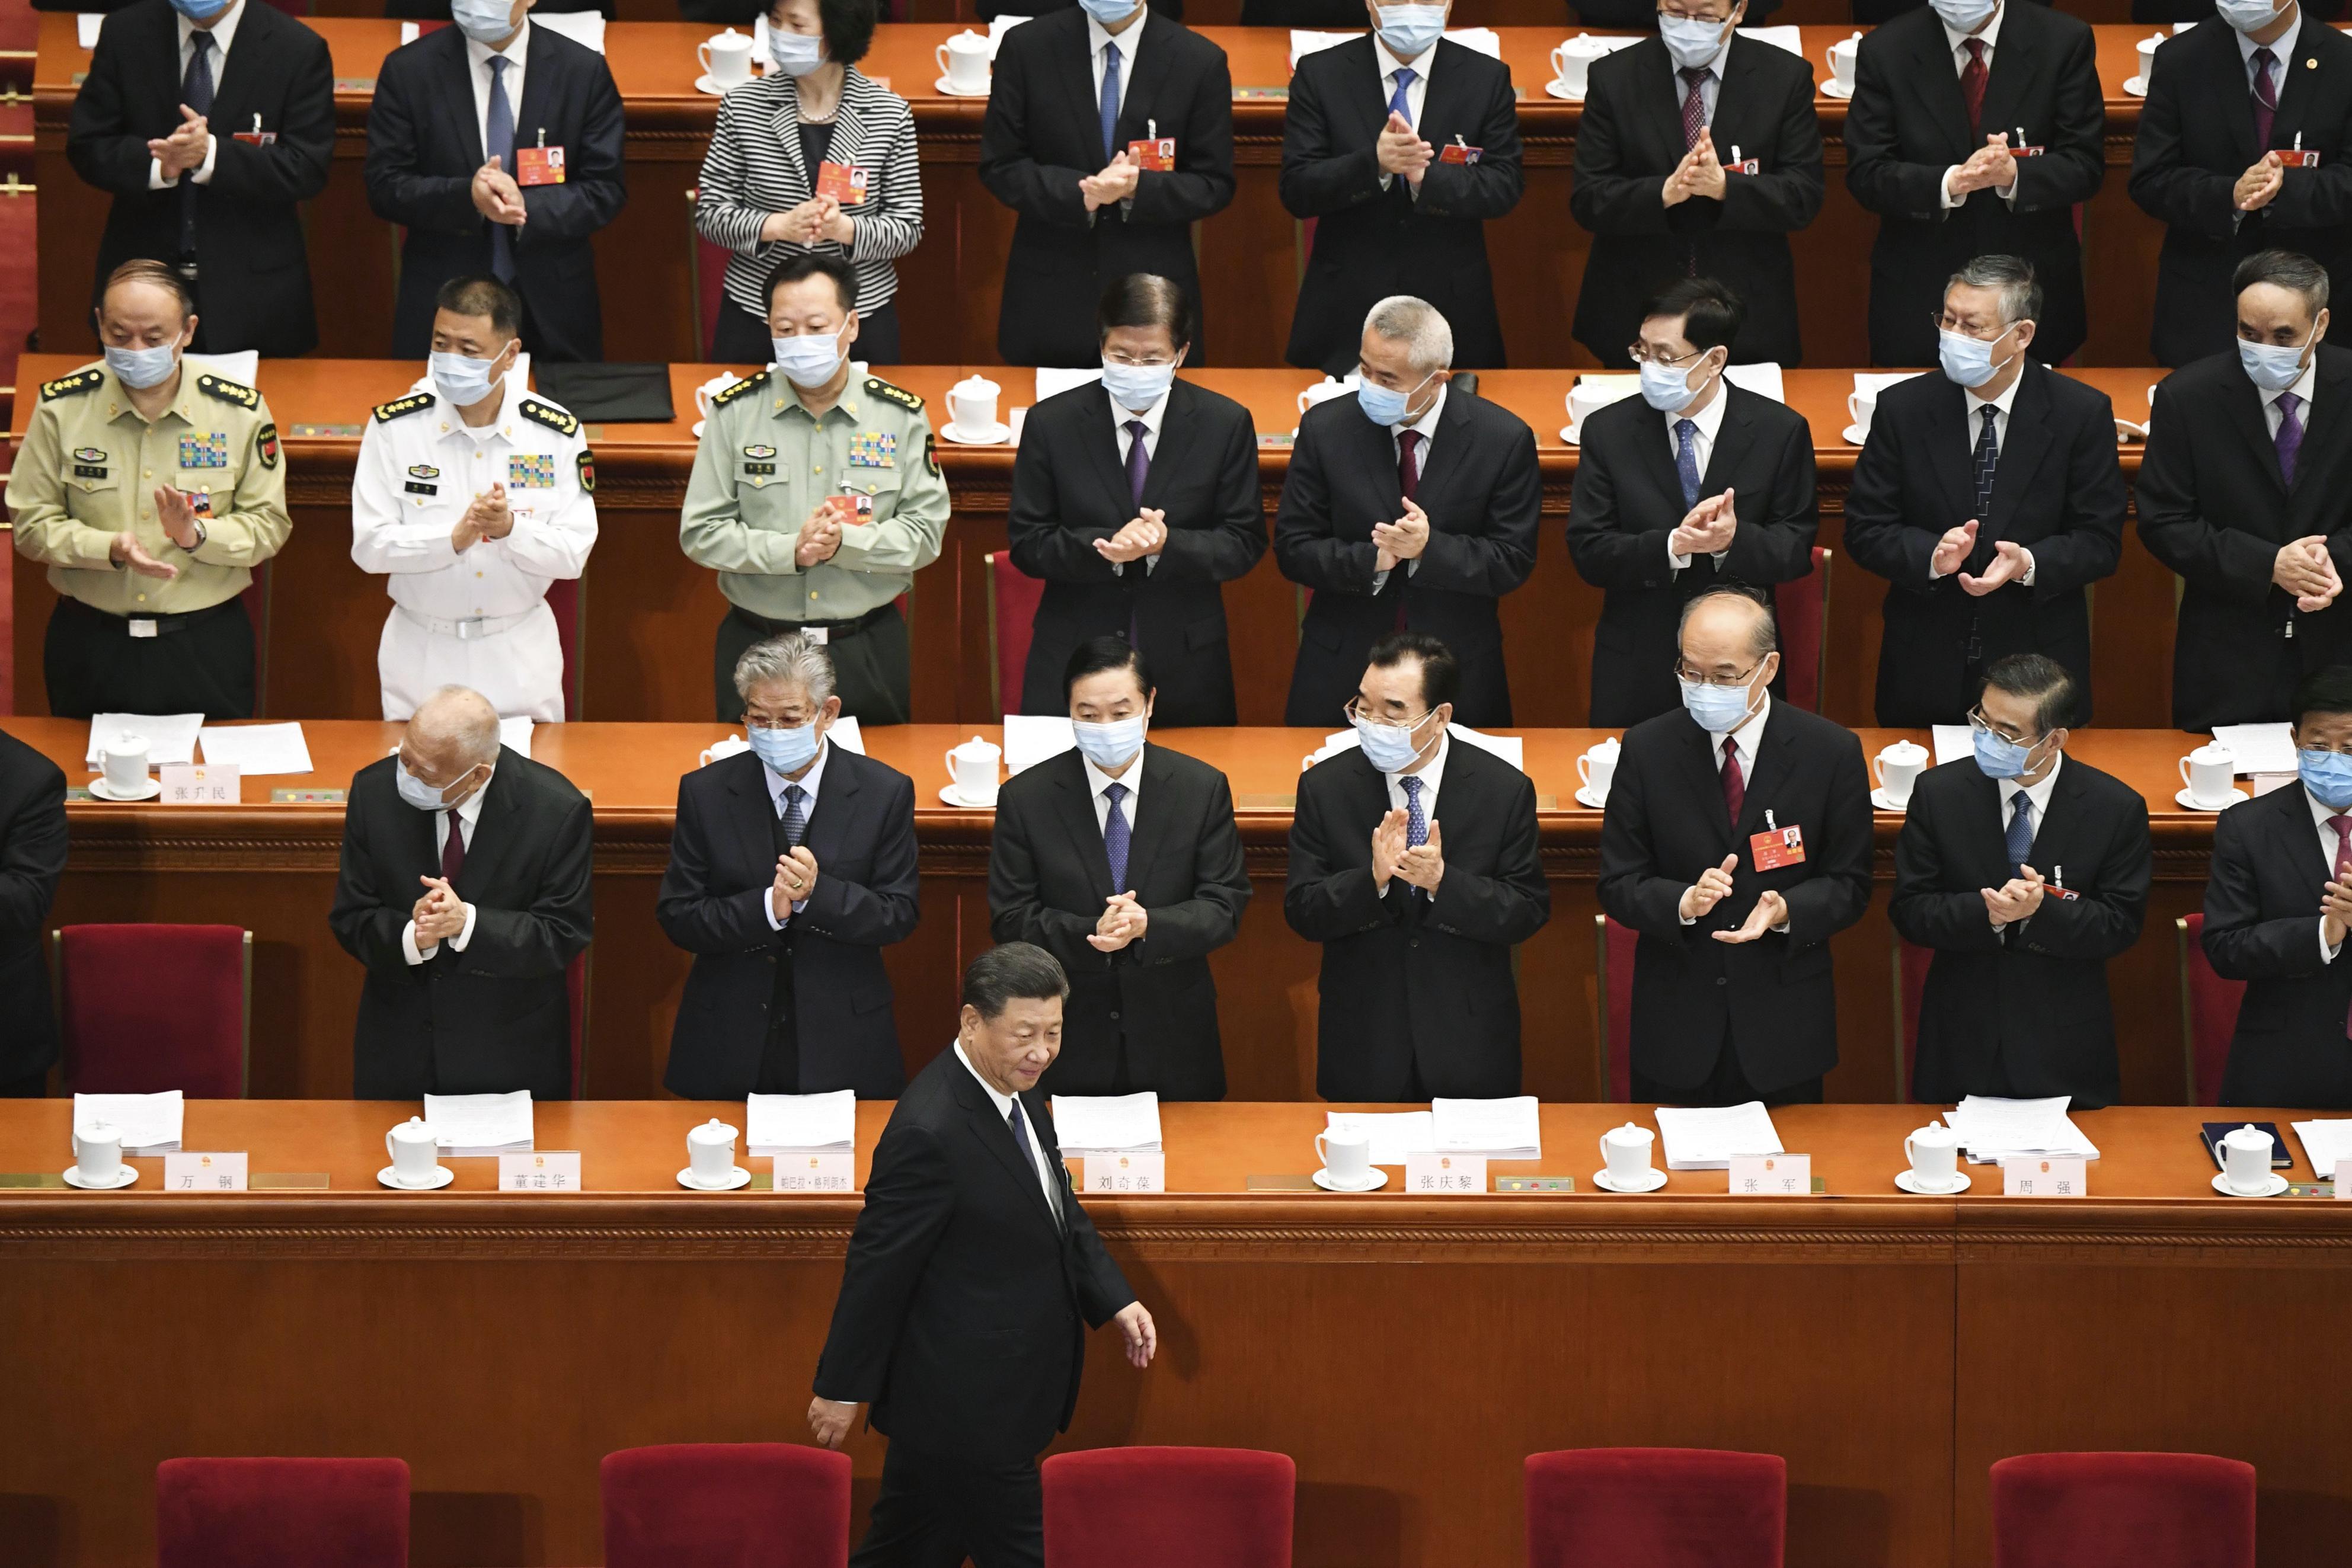 中国全人代の開幕式にマスクを着けずに臨む習近平国家主席(下)=22日、北京の人民大会堂(共同)